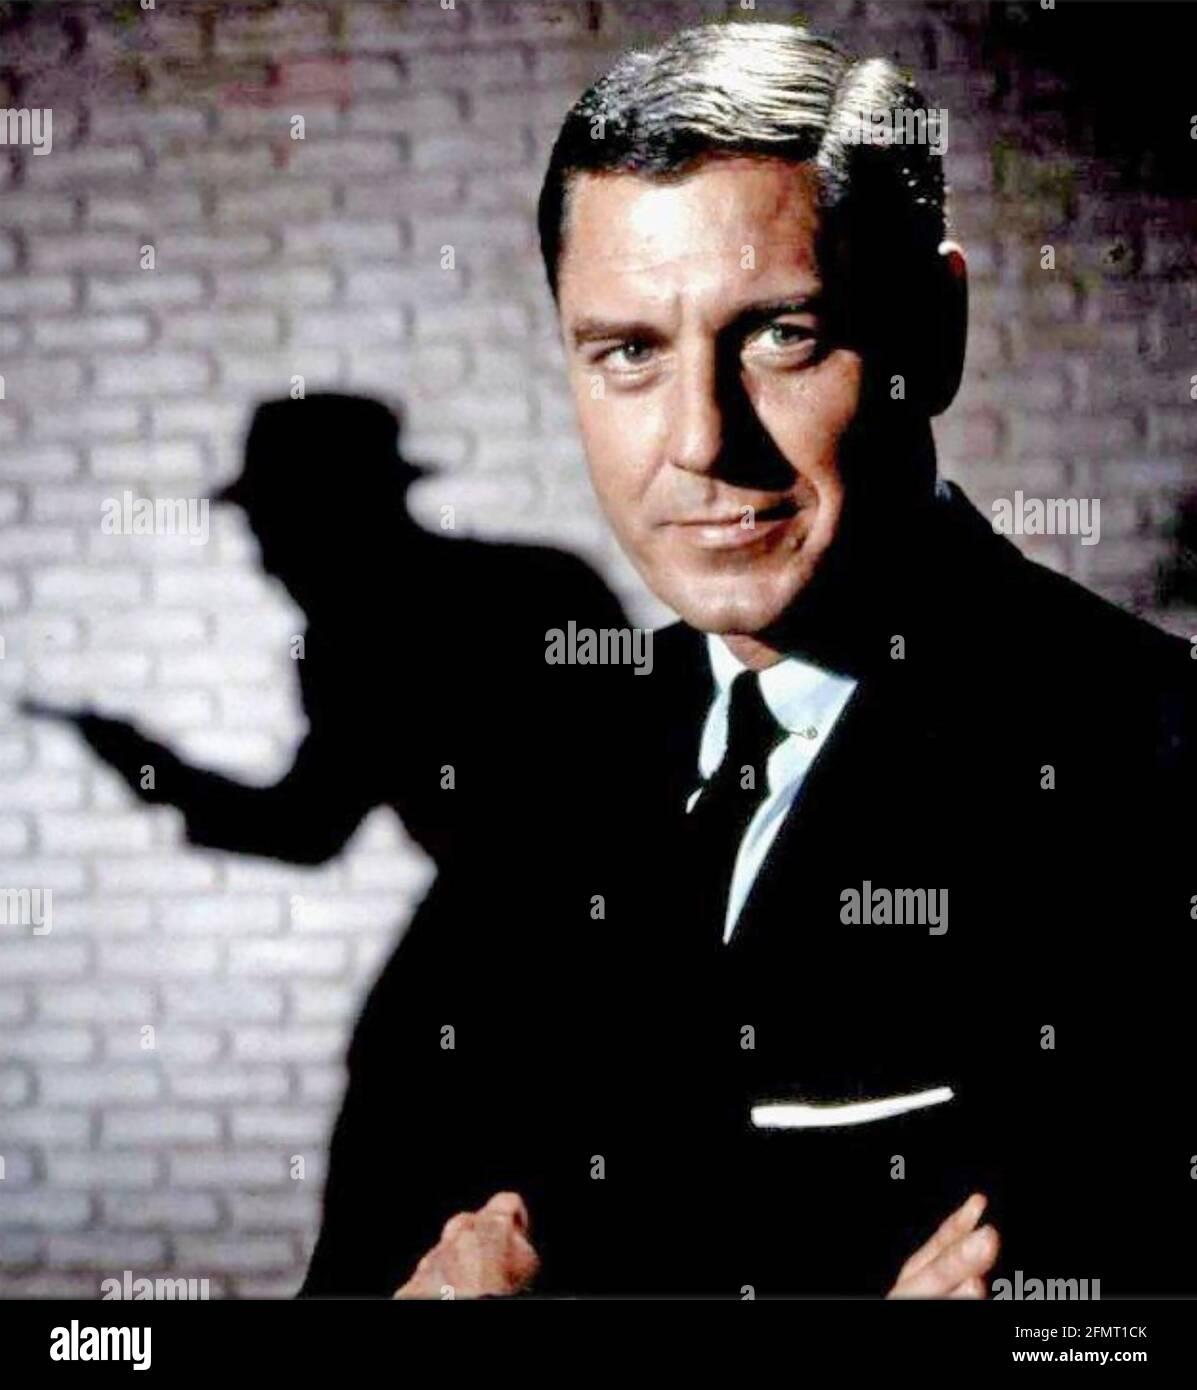 CRAIG STEVENS (1918-2000) acteur de cinéma et de télévision américain le plus connu Pour son rôle TV en tant que détective privé Peter Gunn Banque D'Images